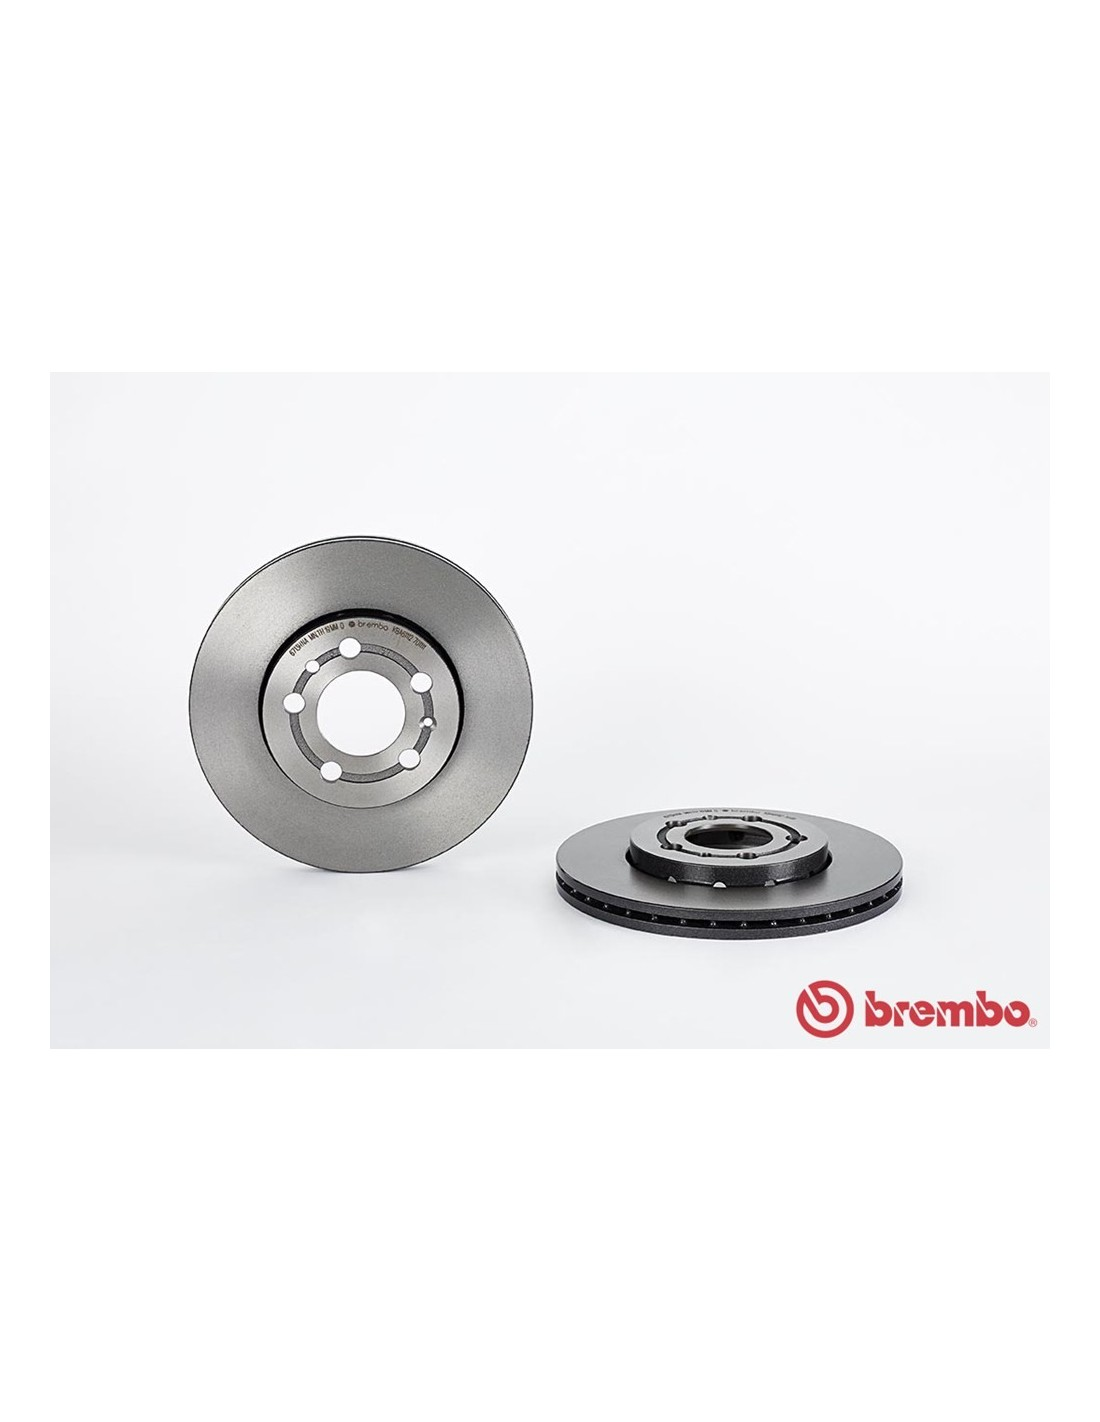 standard kit BREMBO H06001